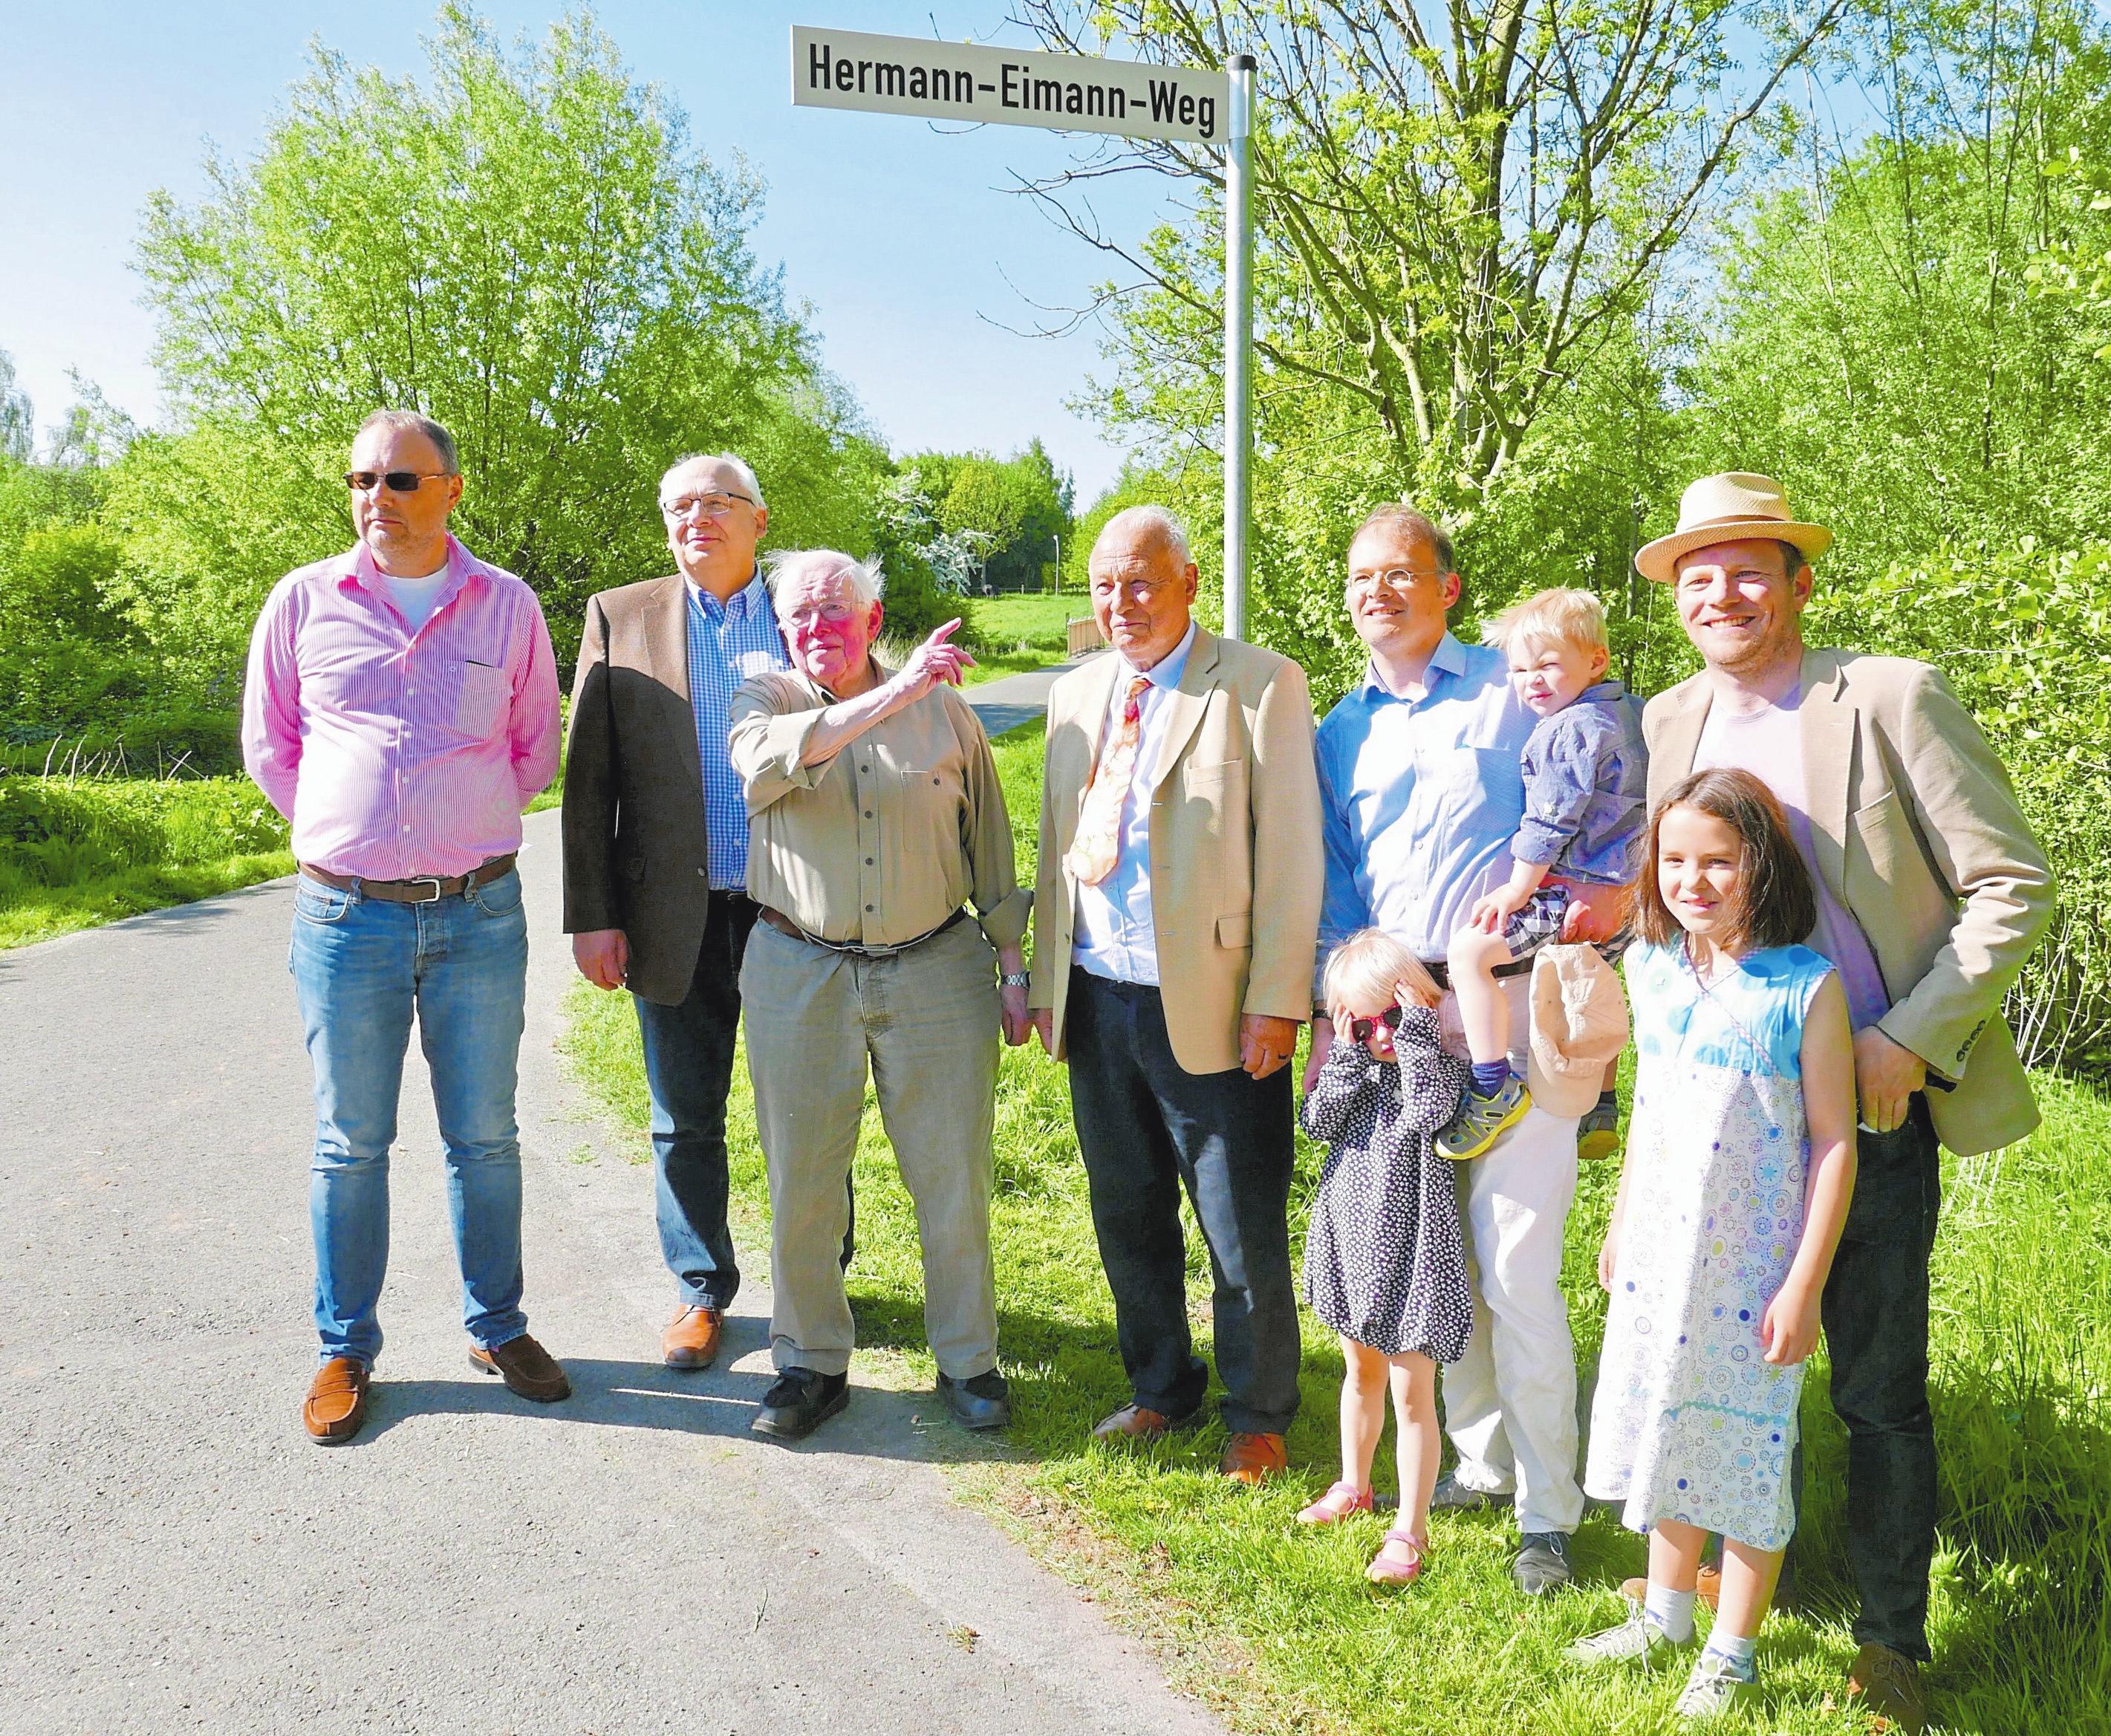 Im vergangenen Jahr ist während des Maibaumfestes unter der Regie des Mecklenbecker Geschichts- und Heimatkreises (MGHK) der Hermann-Eimann-Weg eingeweiht worden.